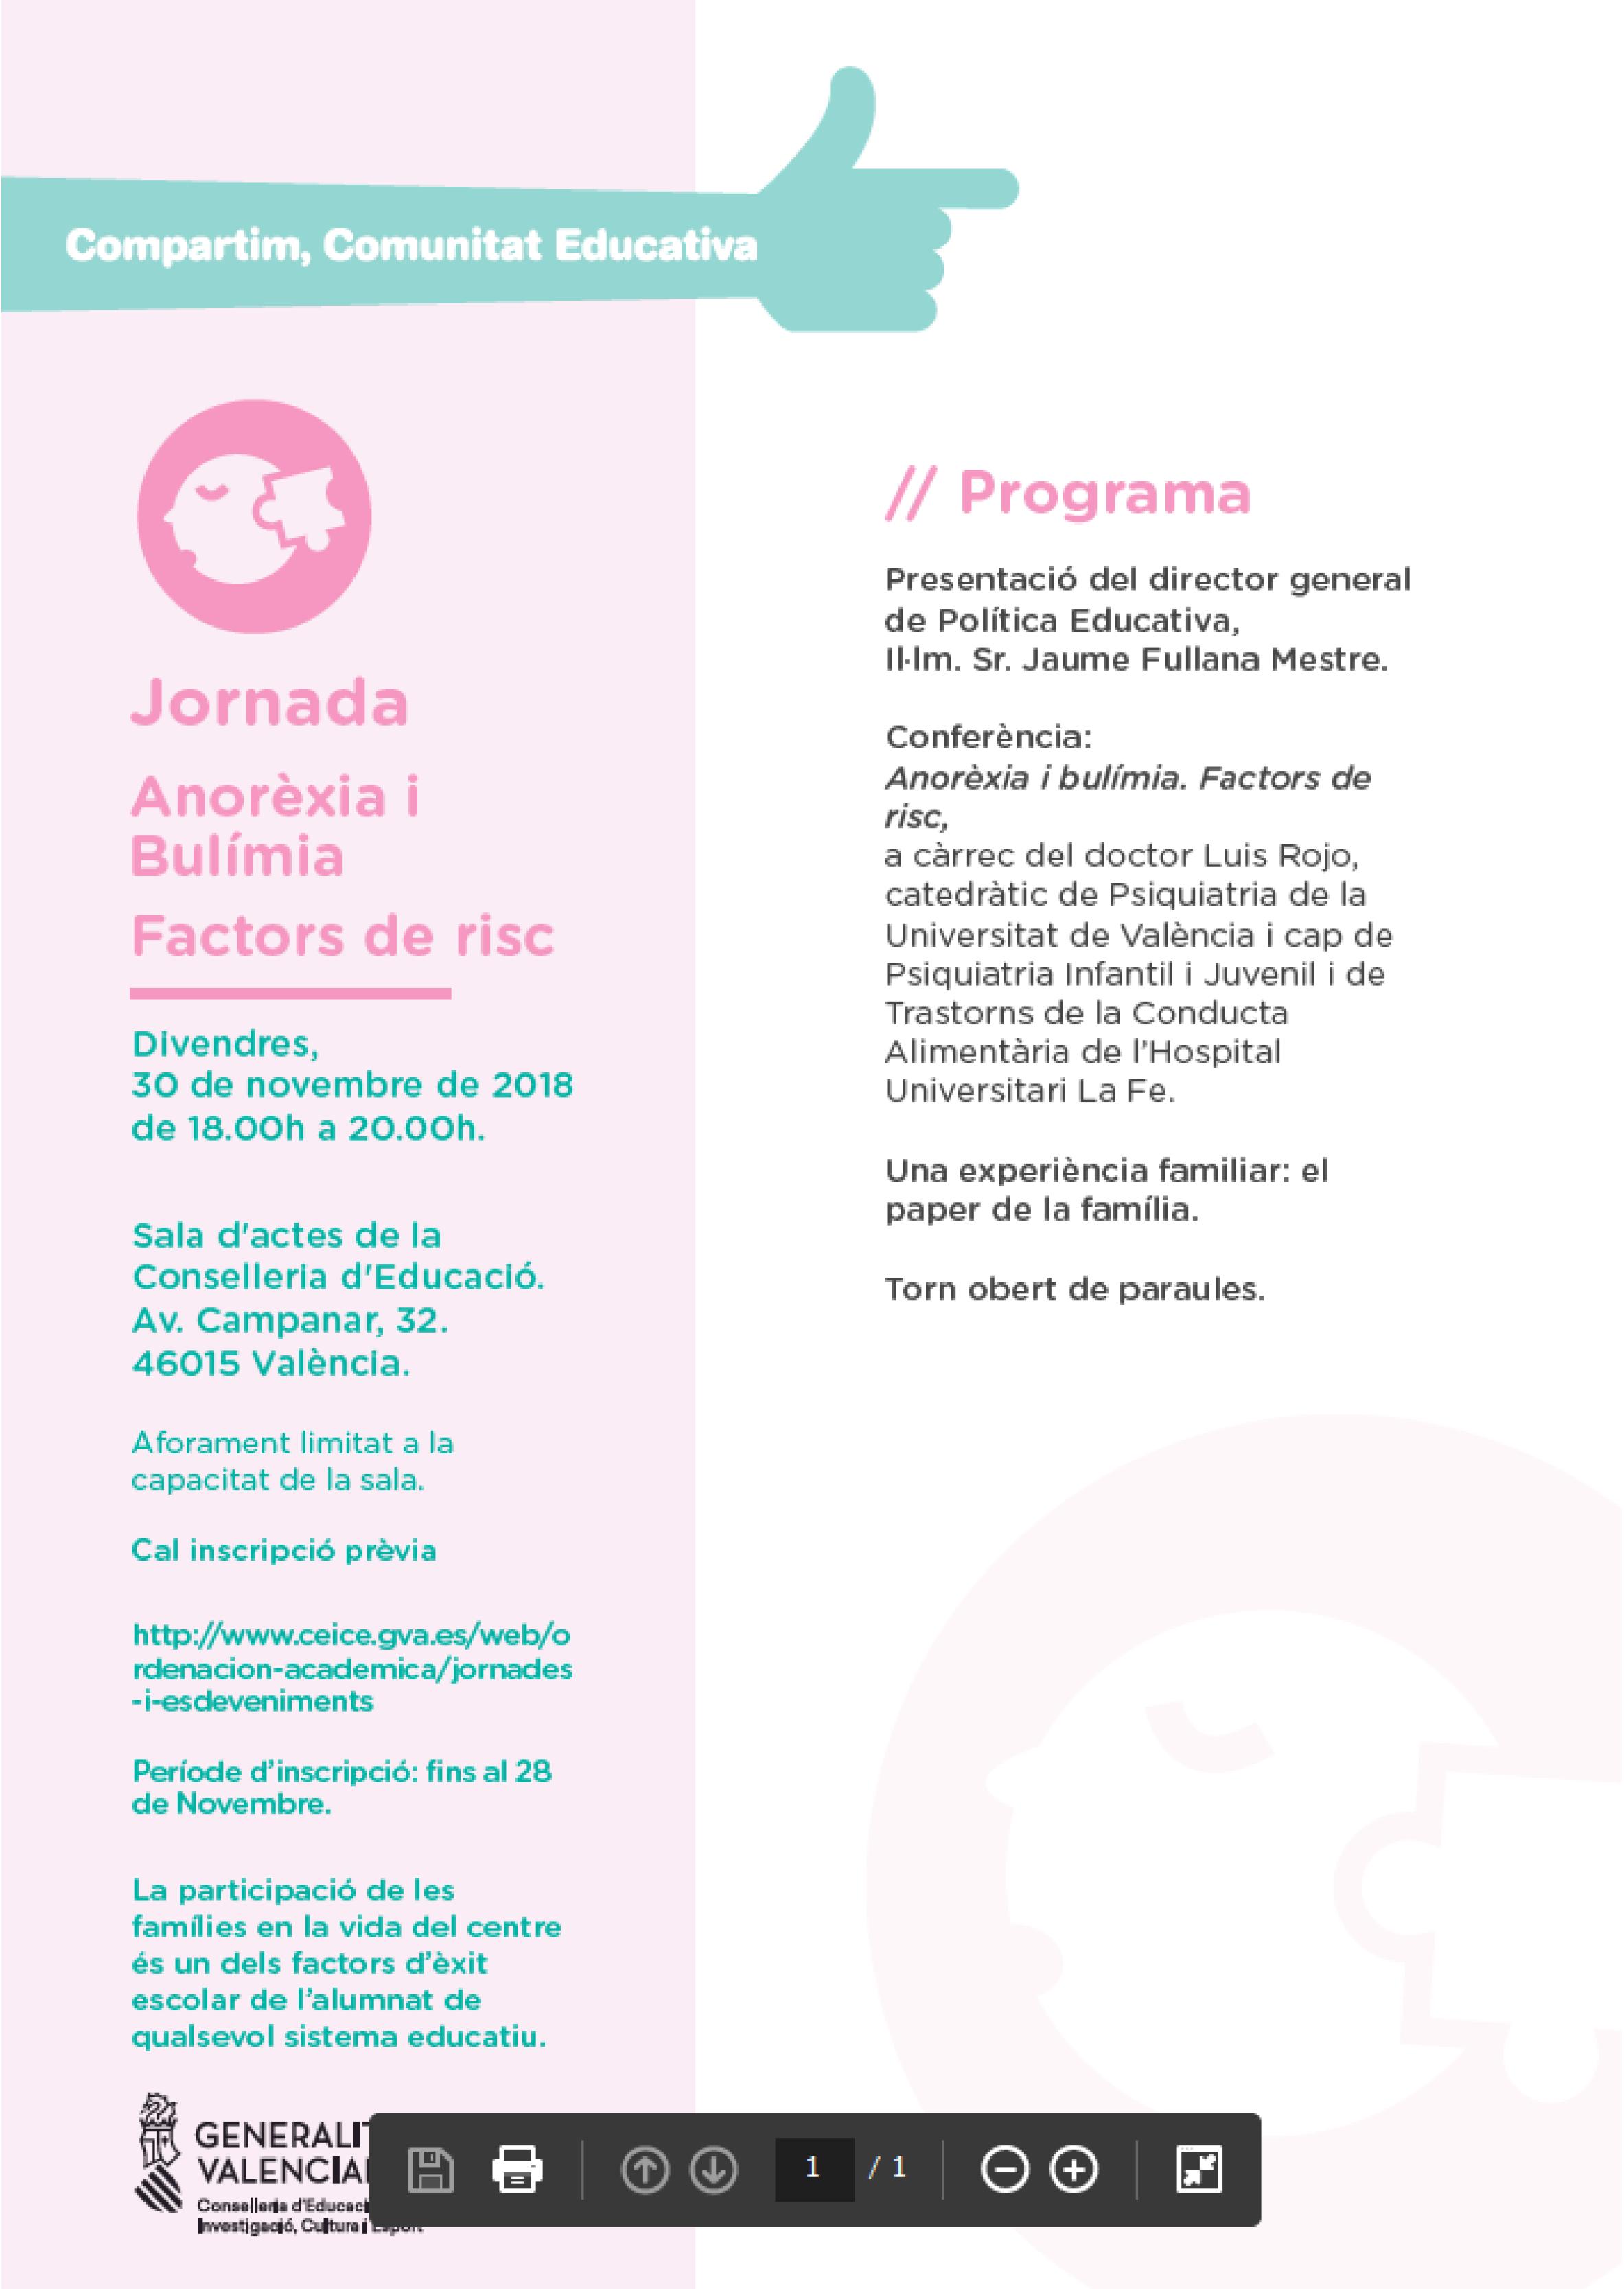 COMPARTIM COMUNITAT EDUCATIVA – Trastorns de l'alimentació: l'Anorèxia i la Bulímia